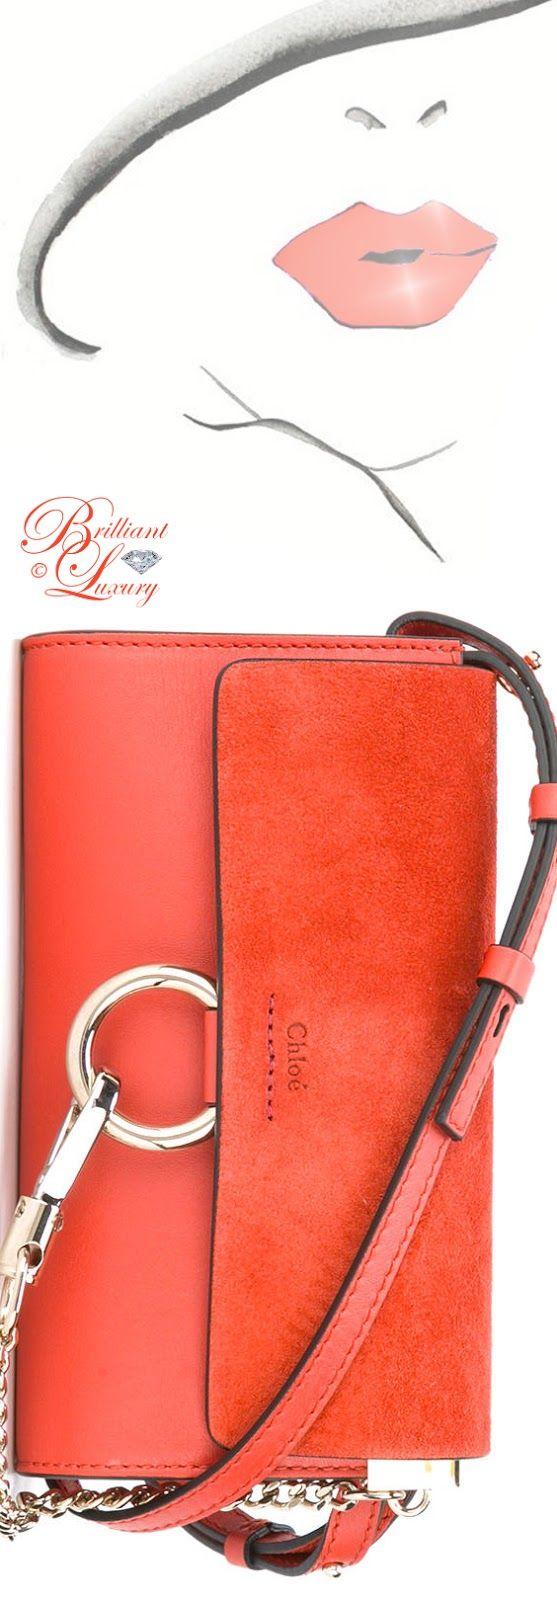 Brilliant Luxury by Emmy DE ♦ Chloé 'Faye' Crossbody Bag